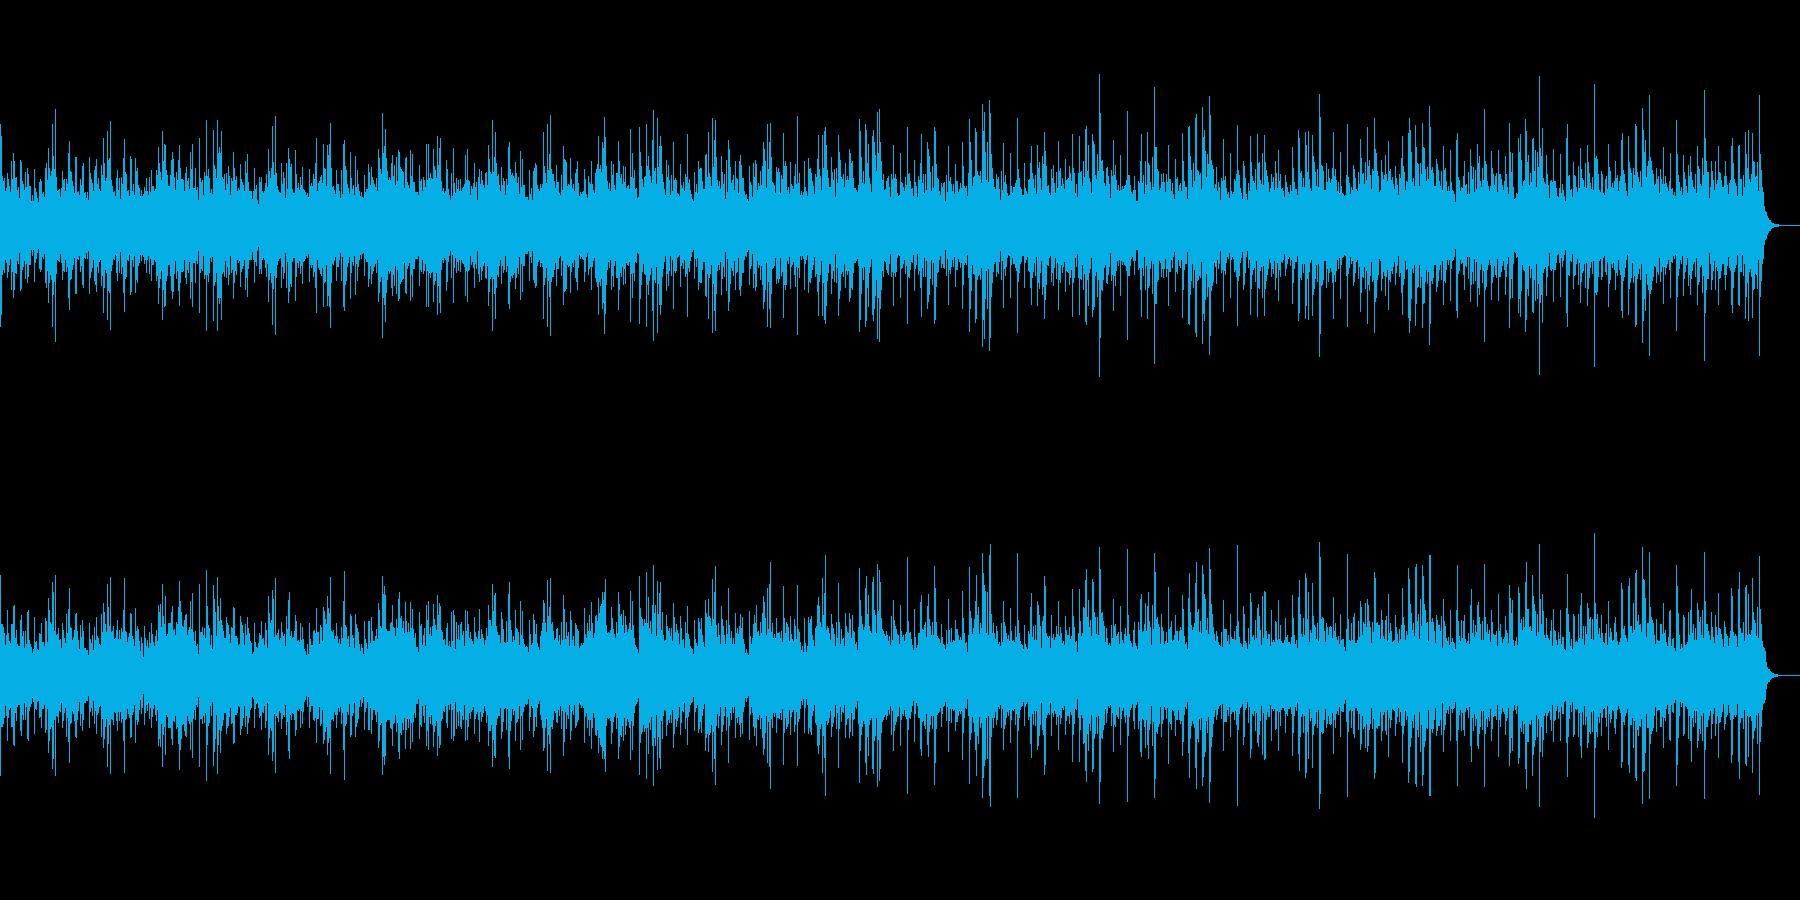 三味線と和太鼓とストリングスの和風な曲の再生済みの波形